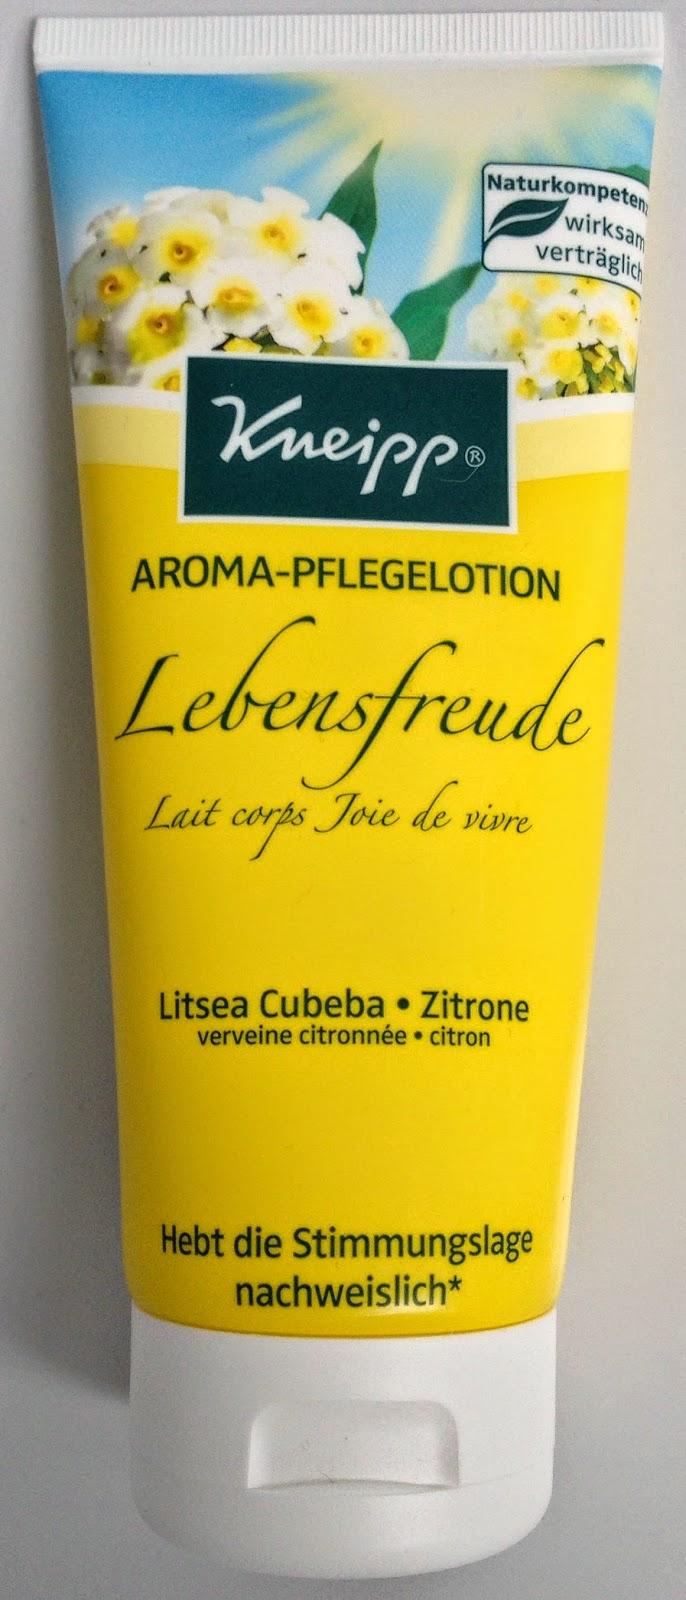 Creme; Zitrone; Litsea Cubeba